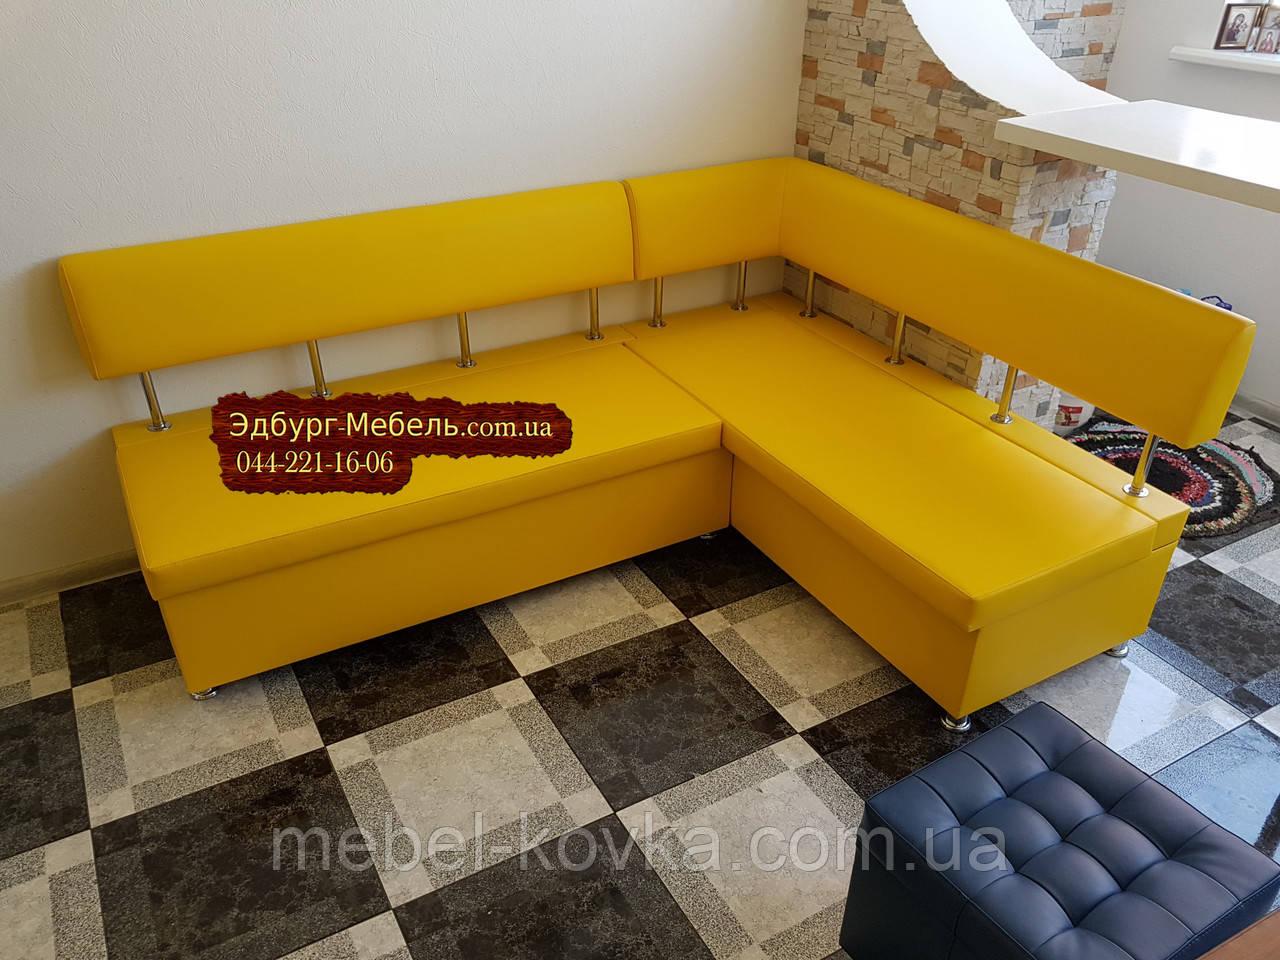 Кухонный уголок «Экстерн» со спальным местом 150*200см